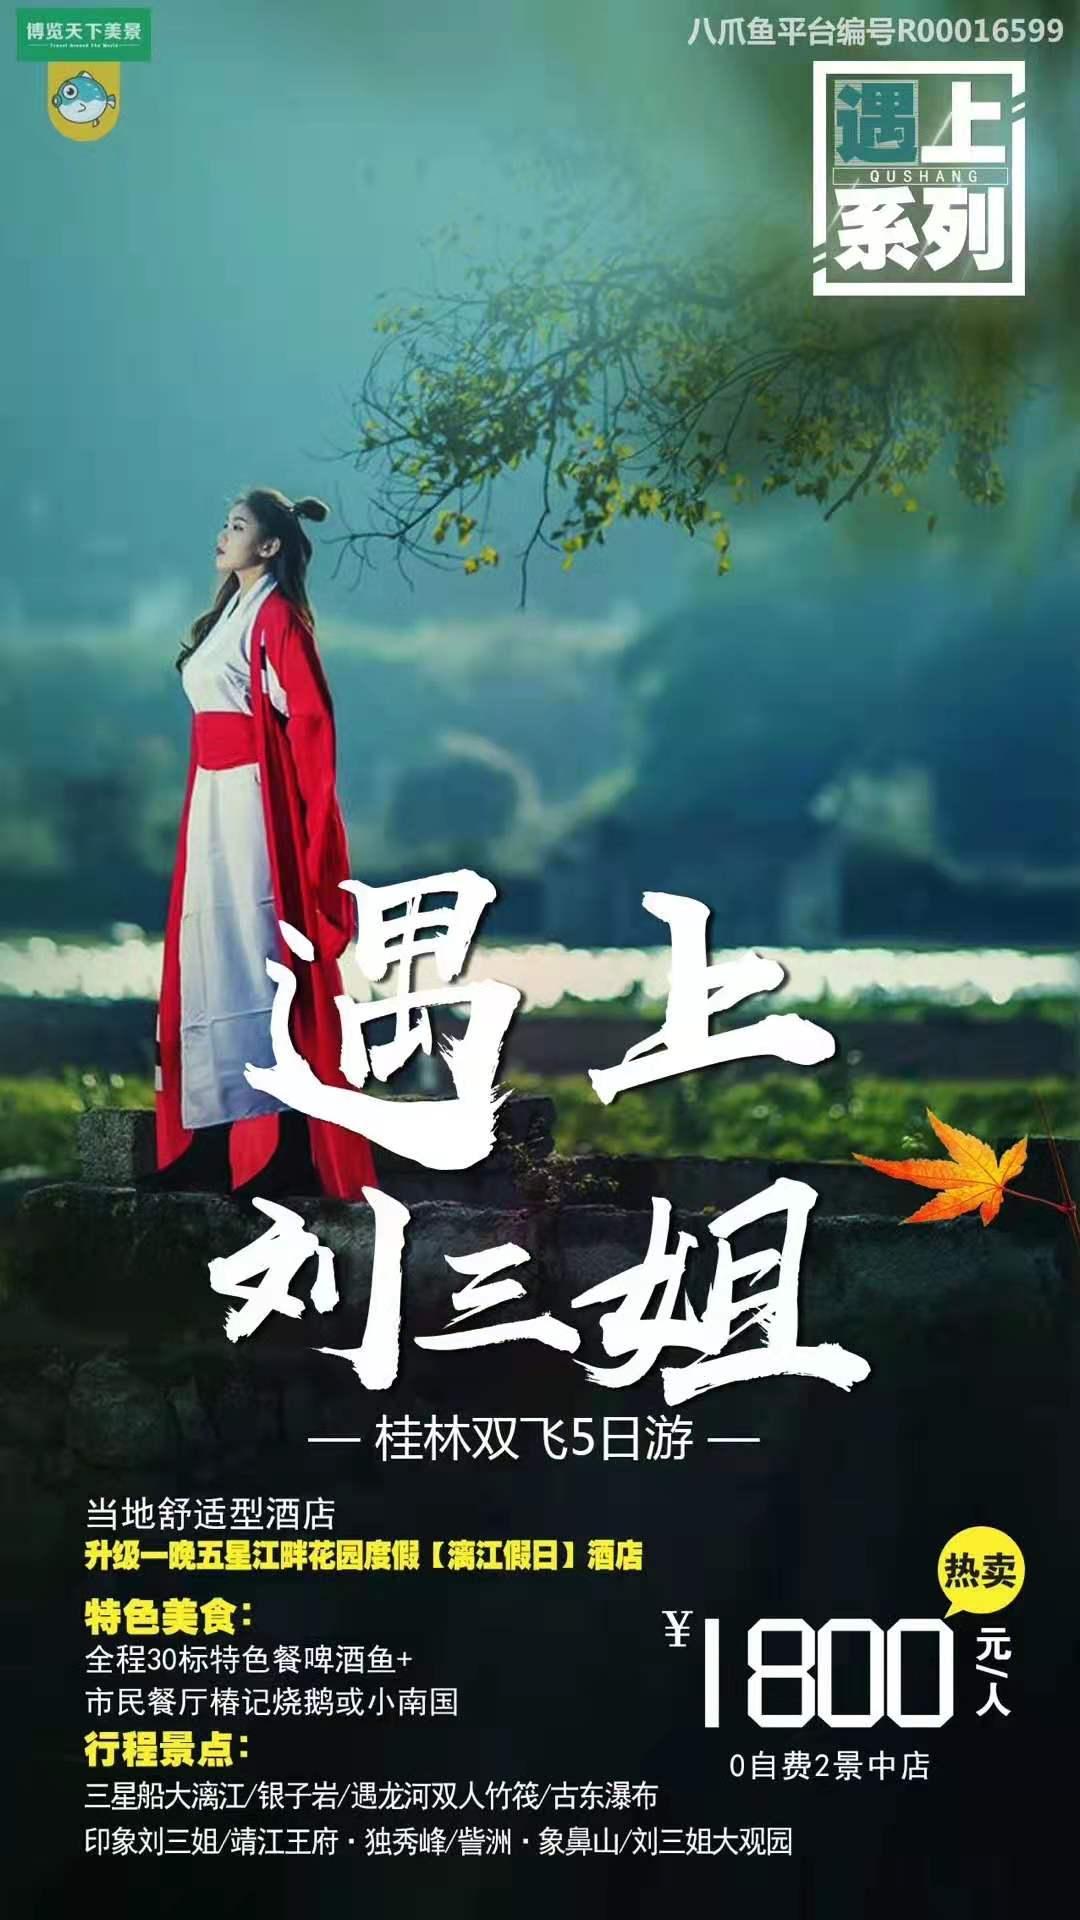 桂林2.jpg